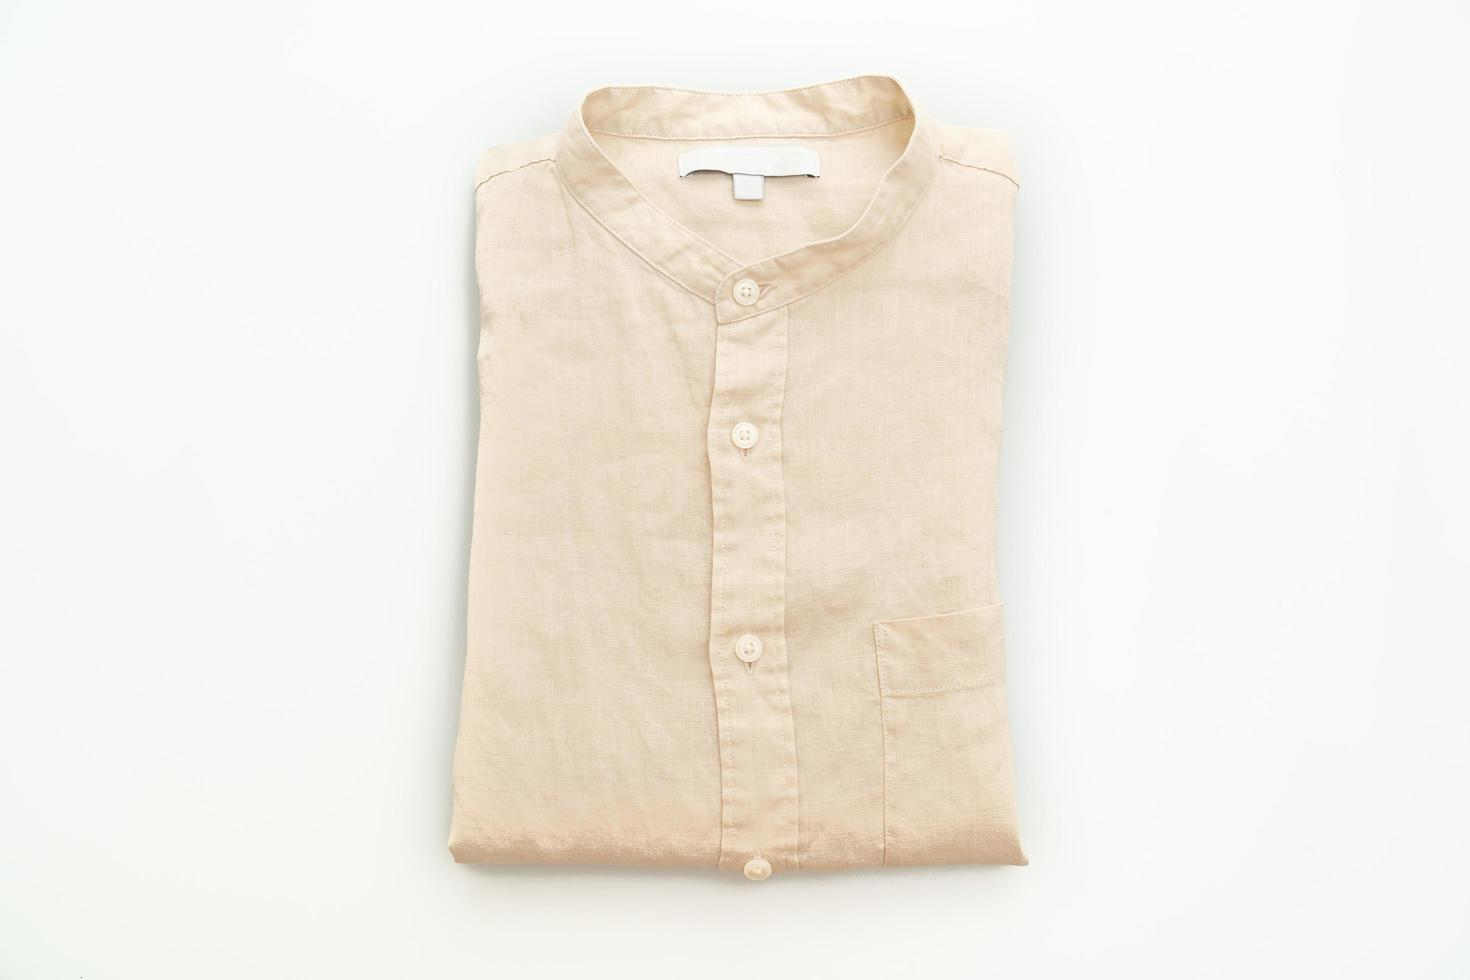 Chemise beige pliée isolé sur fond blanc photo